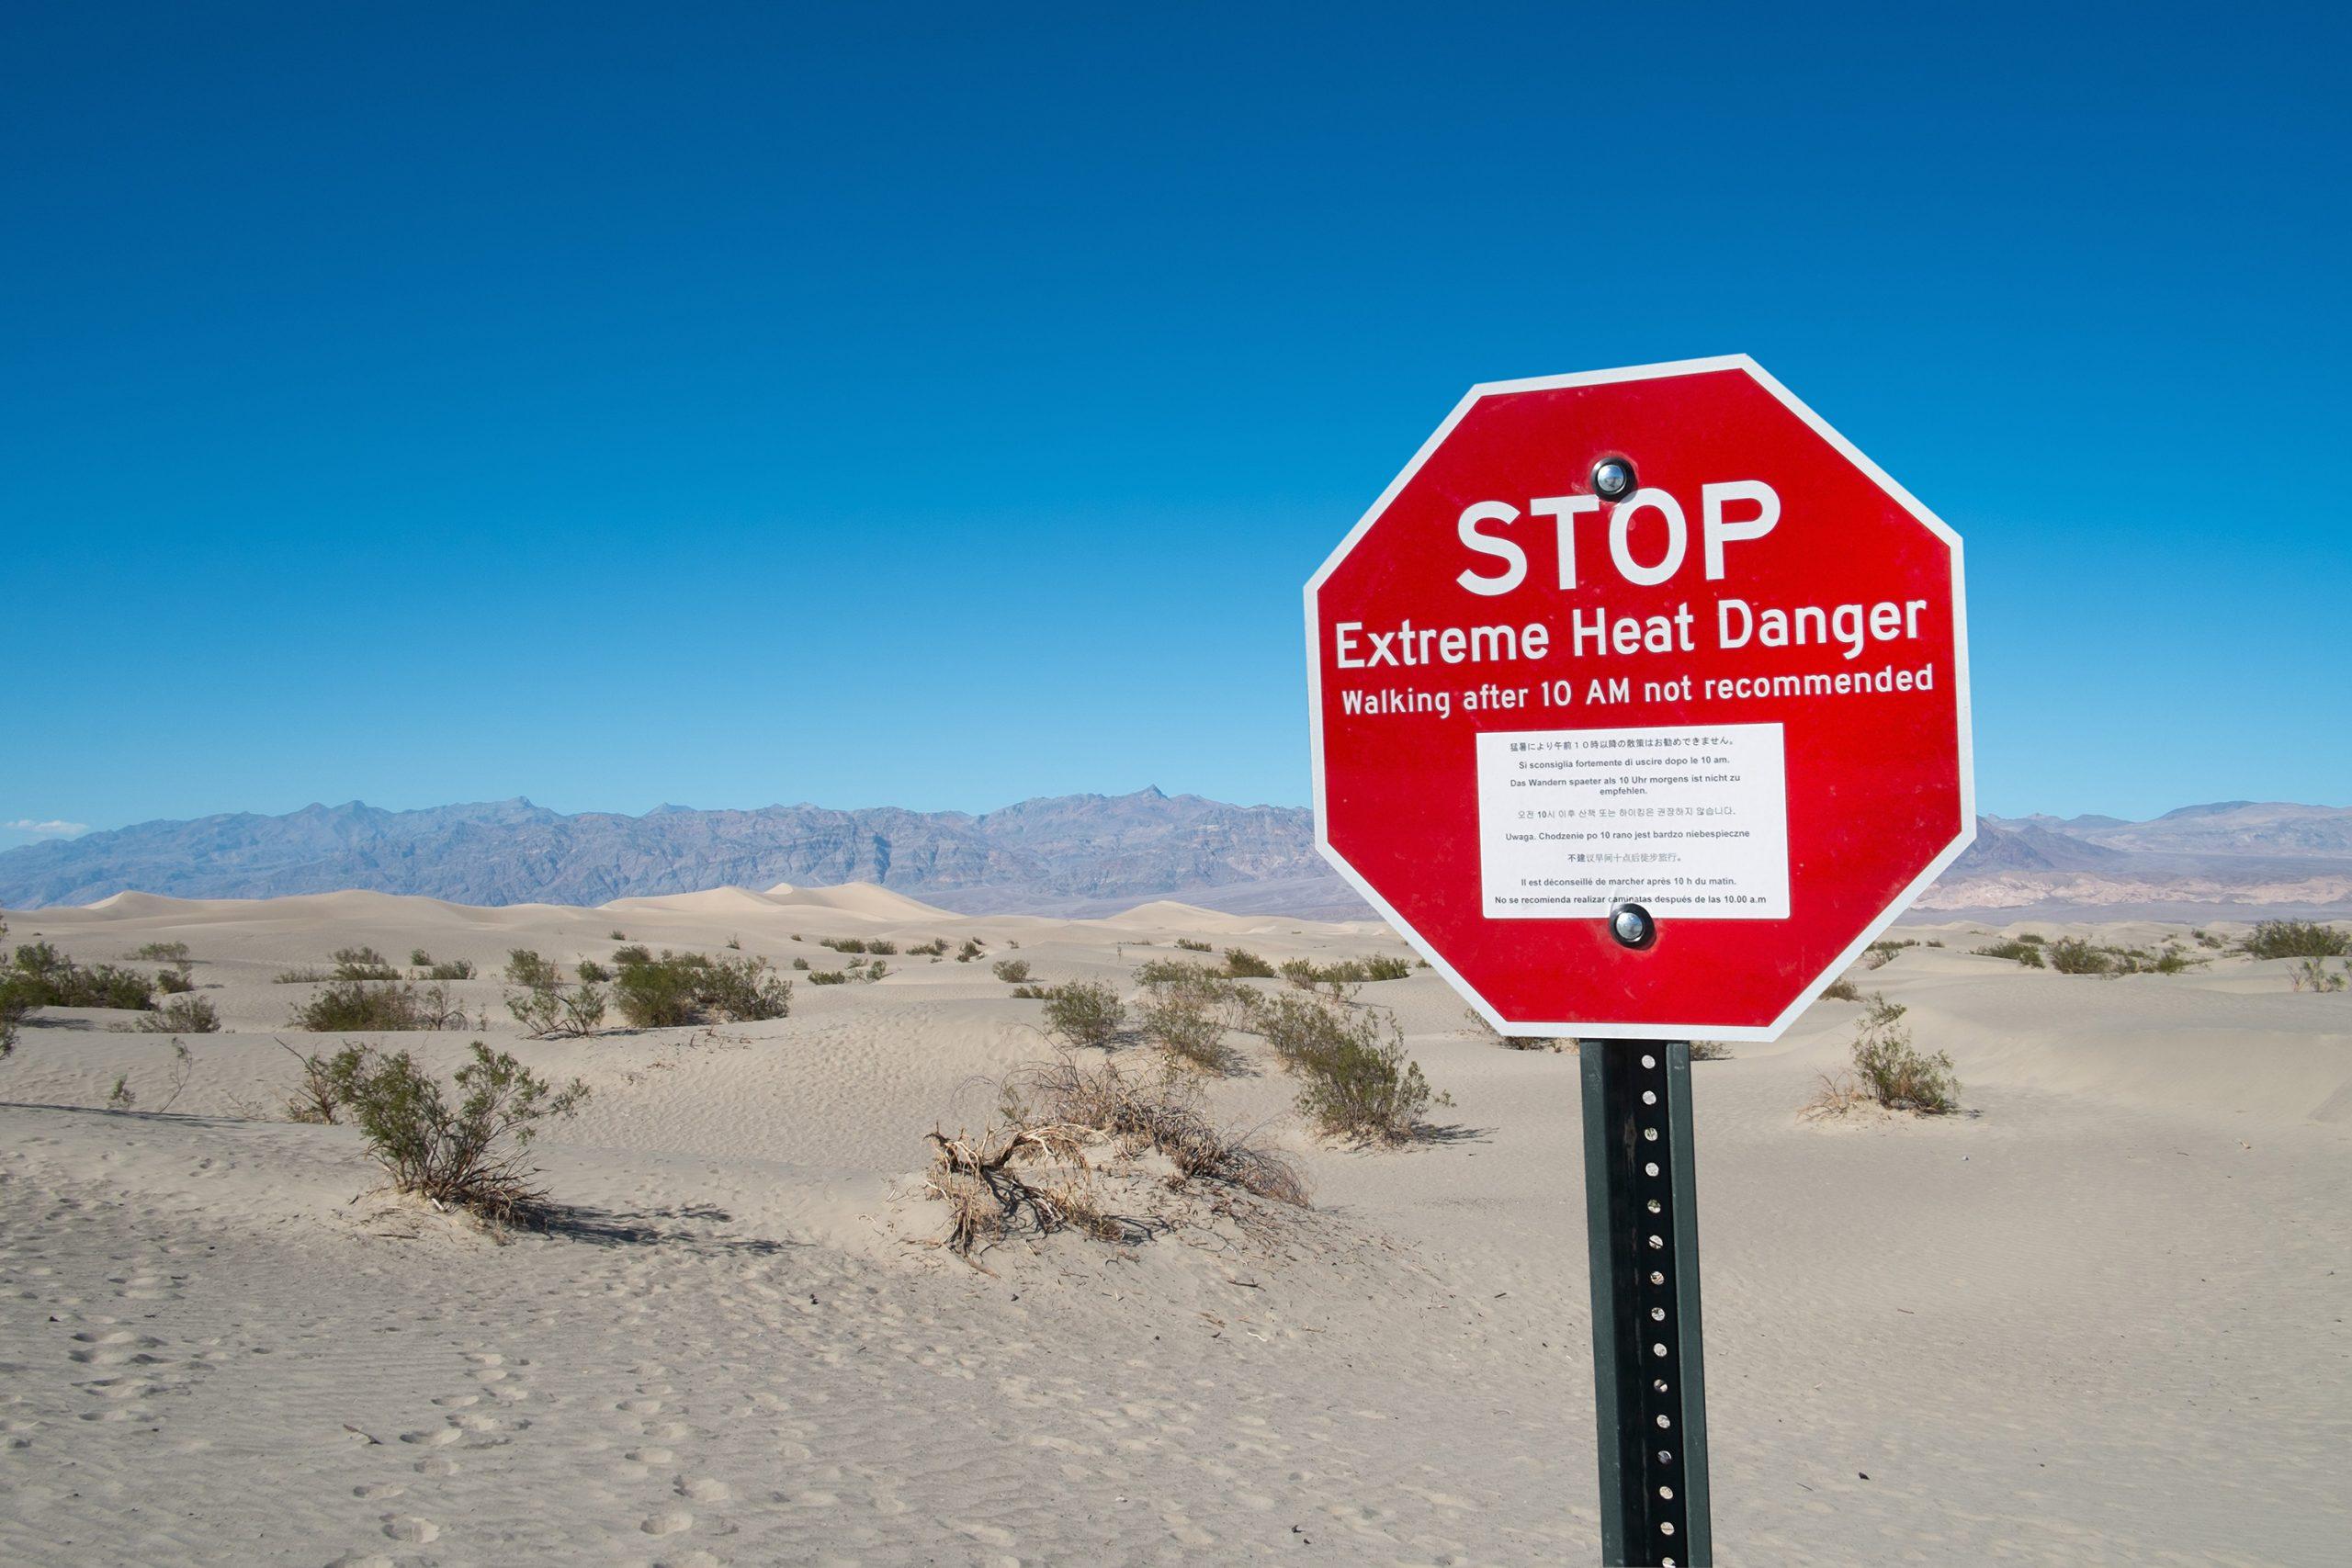 史上最高気温の加州で起きた停電、必要なのは再エネ批判ではない